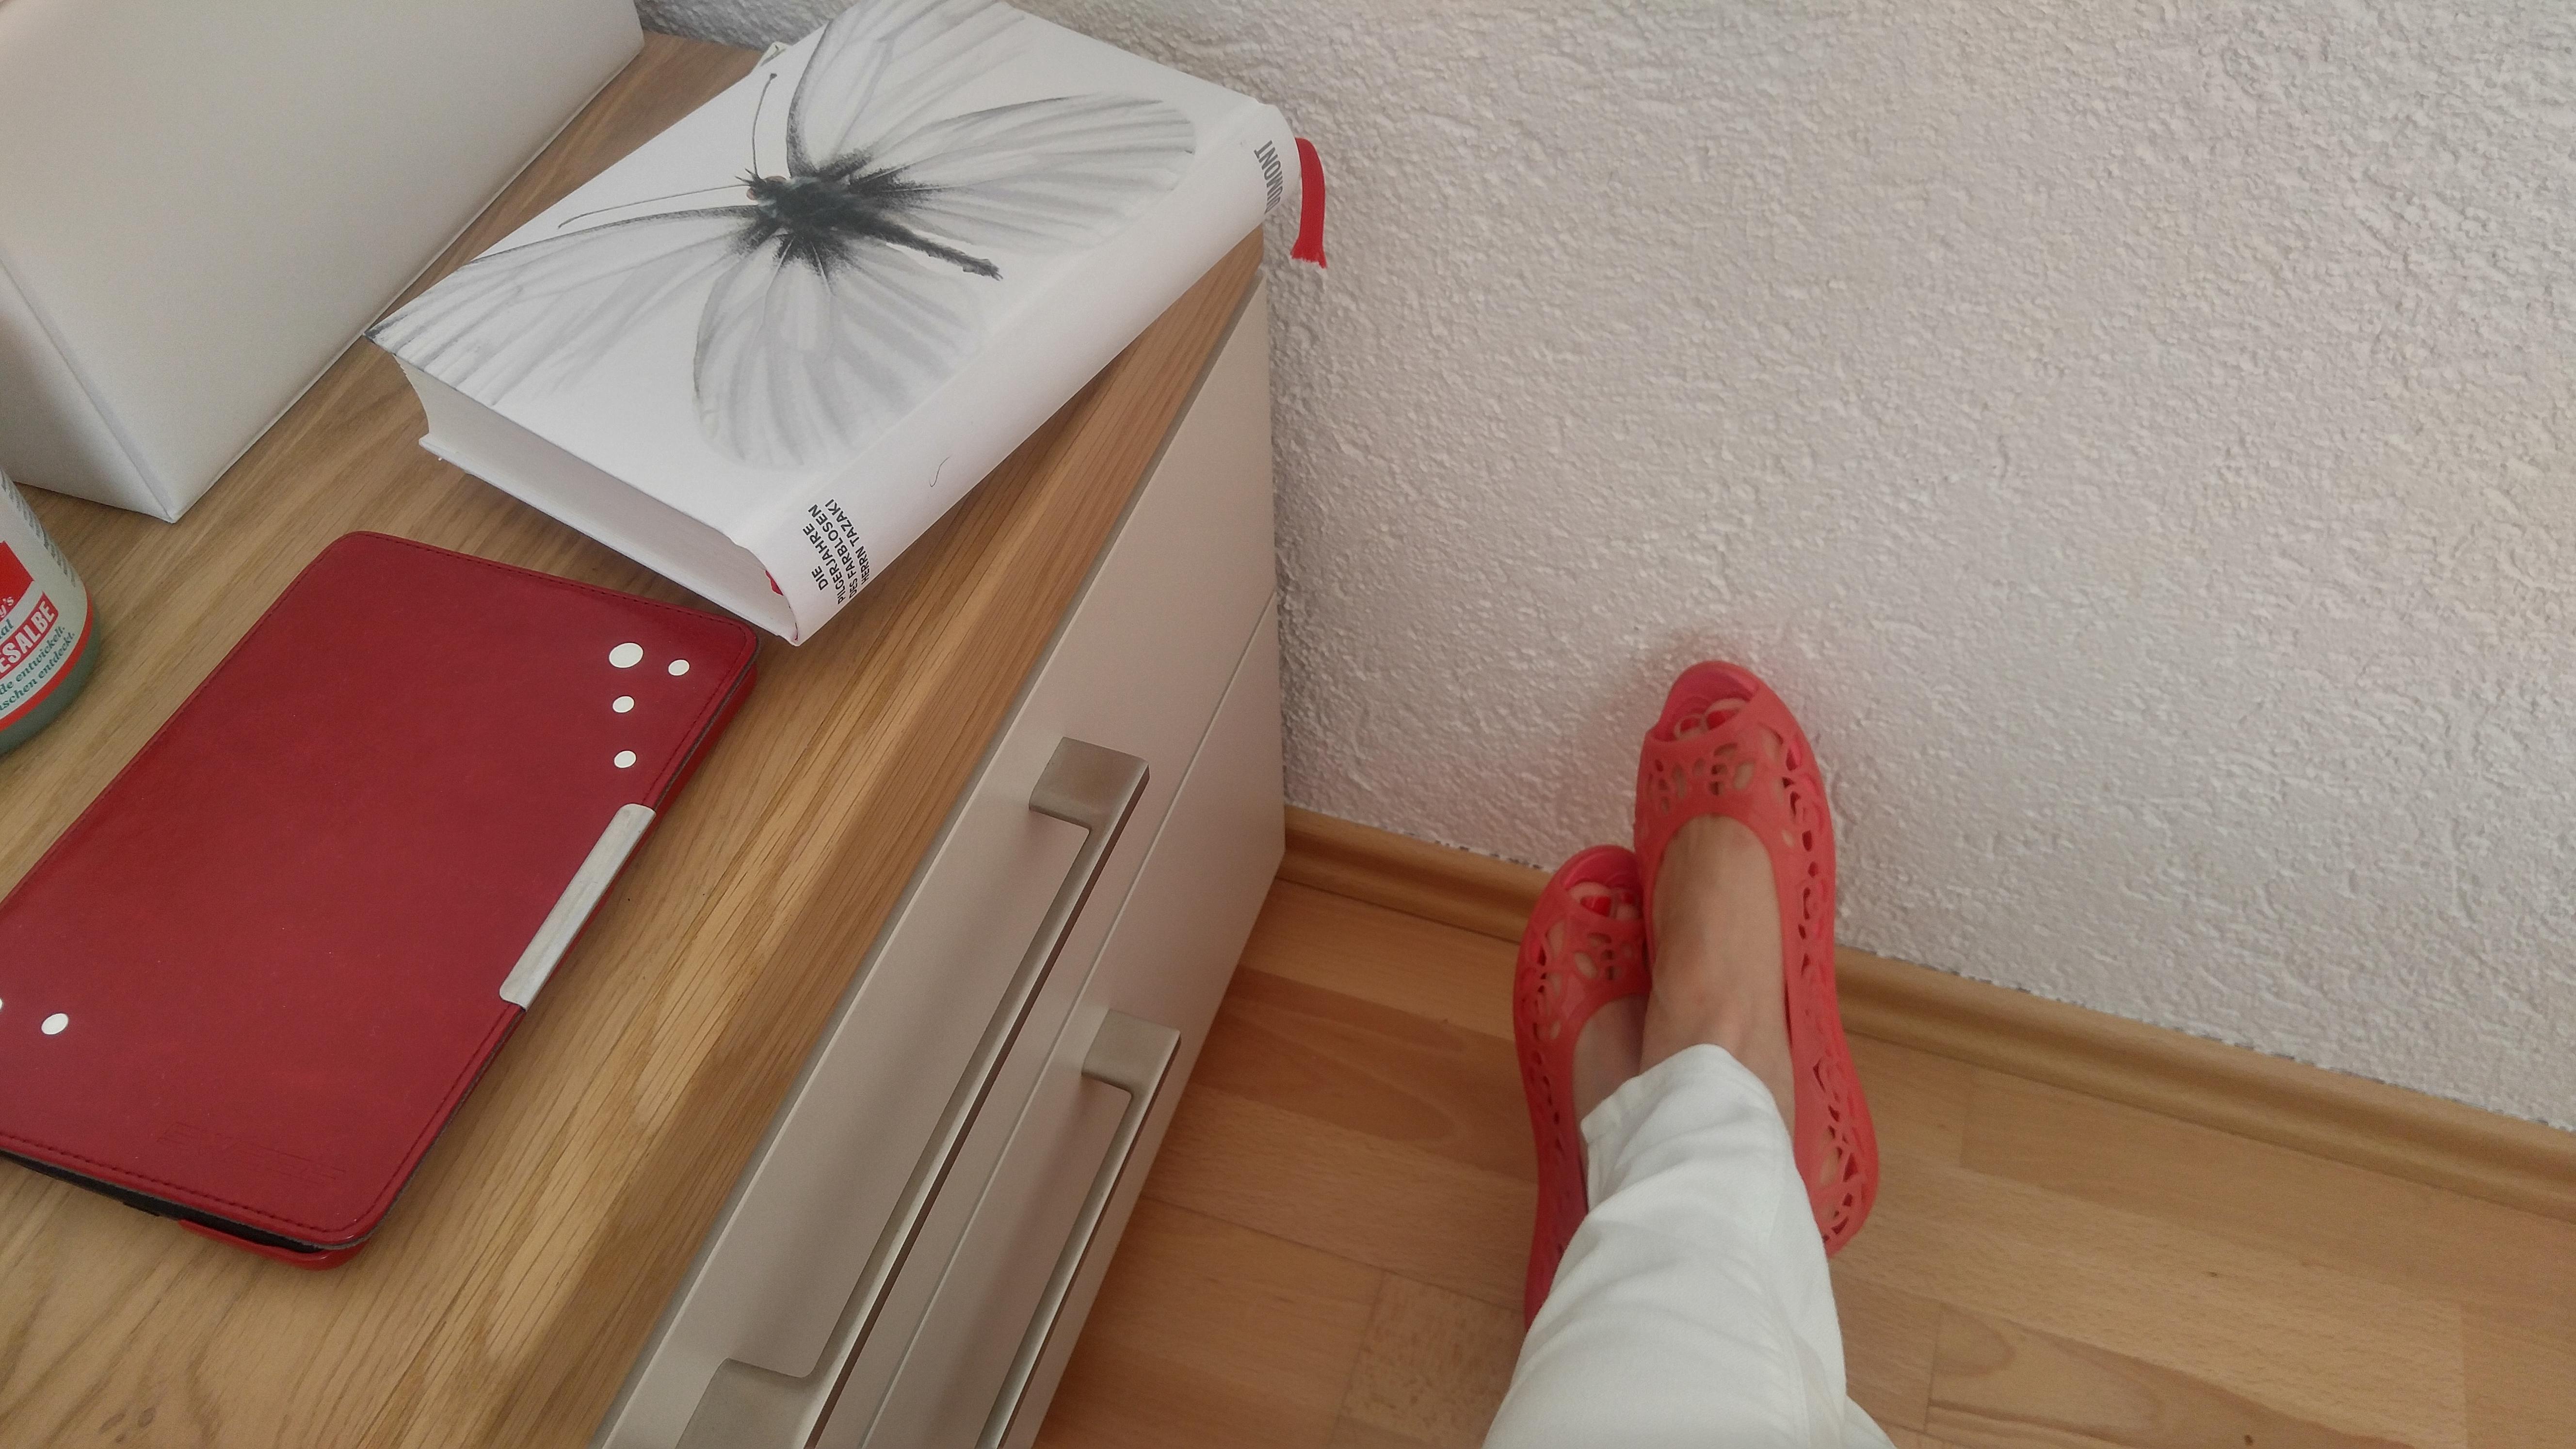 Endlich offene Schuhe!